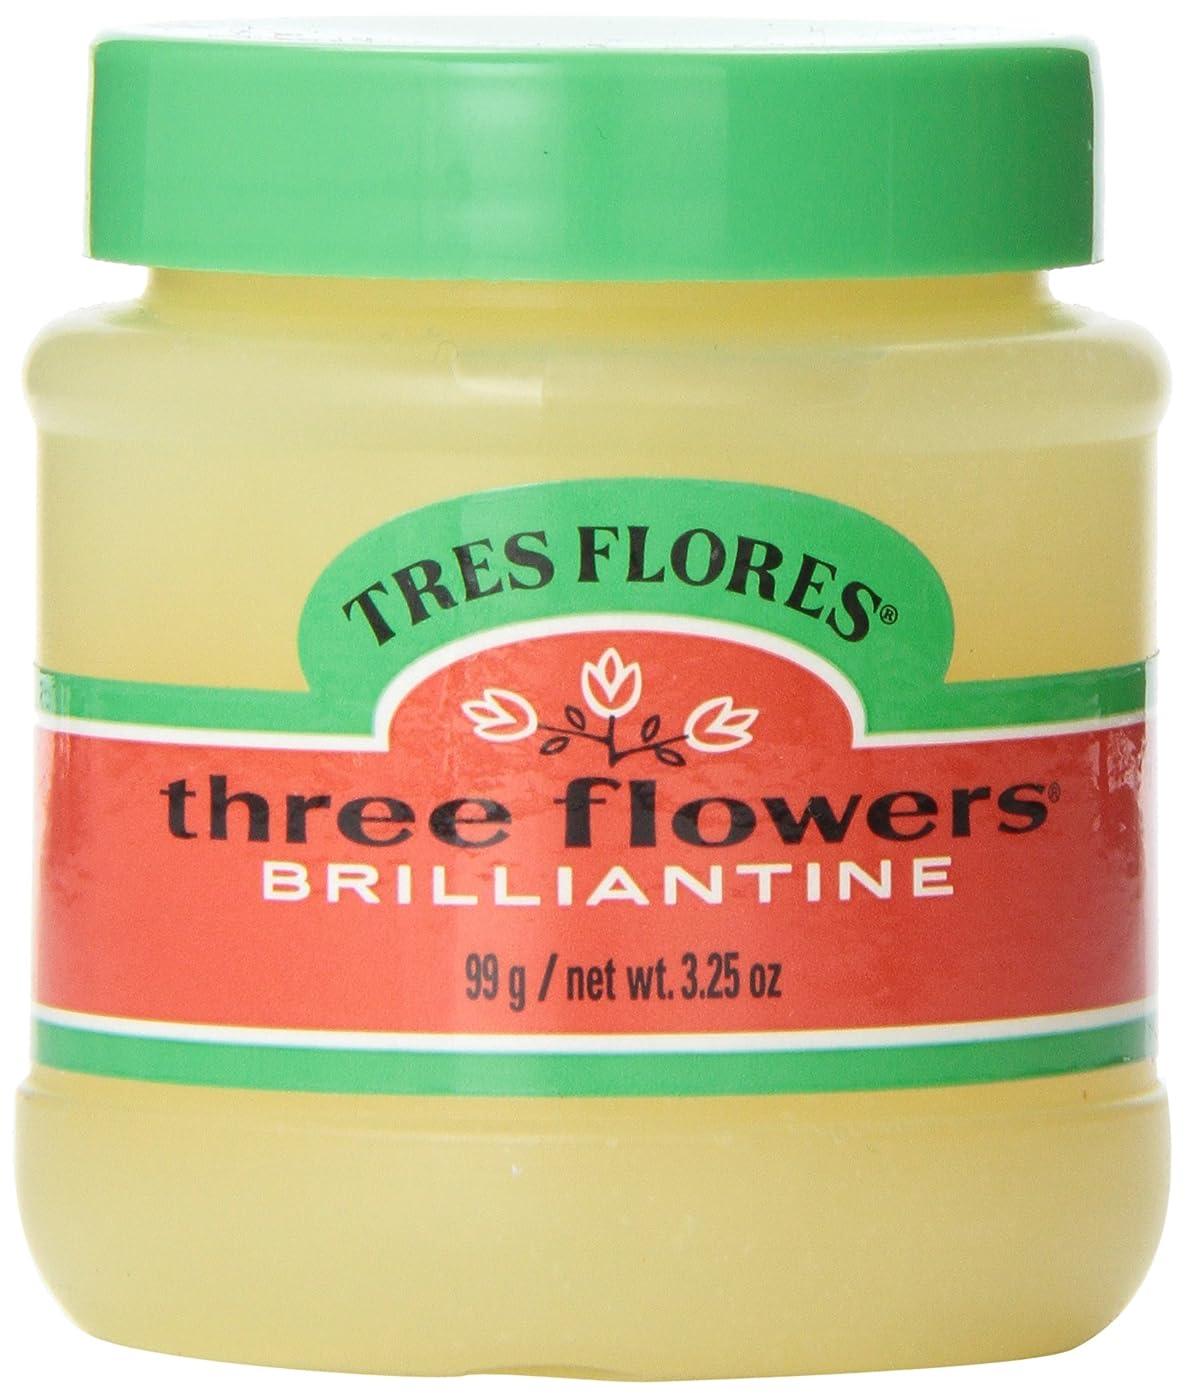 ジョセフバンクスアクティブ怒っているThree Flowers Brilliantine Pomade Solid 3.25oz